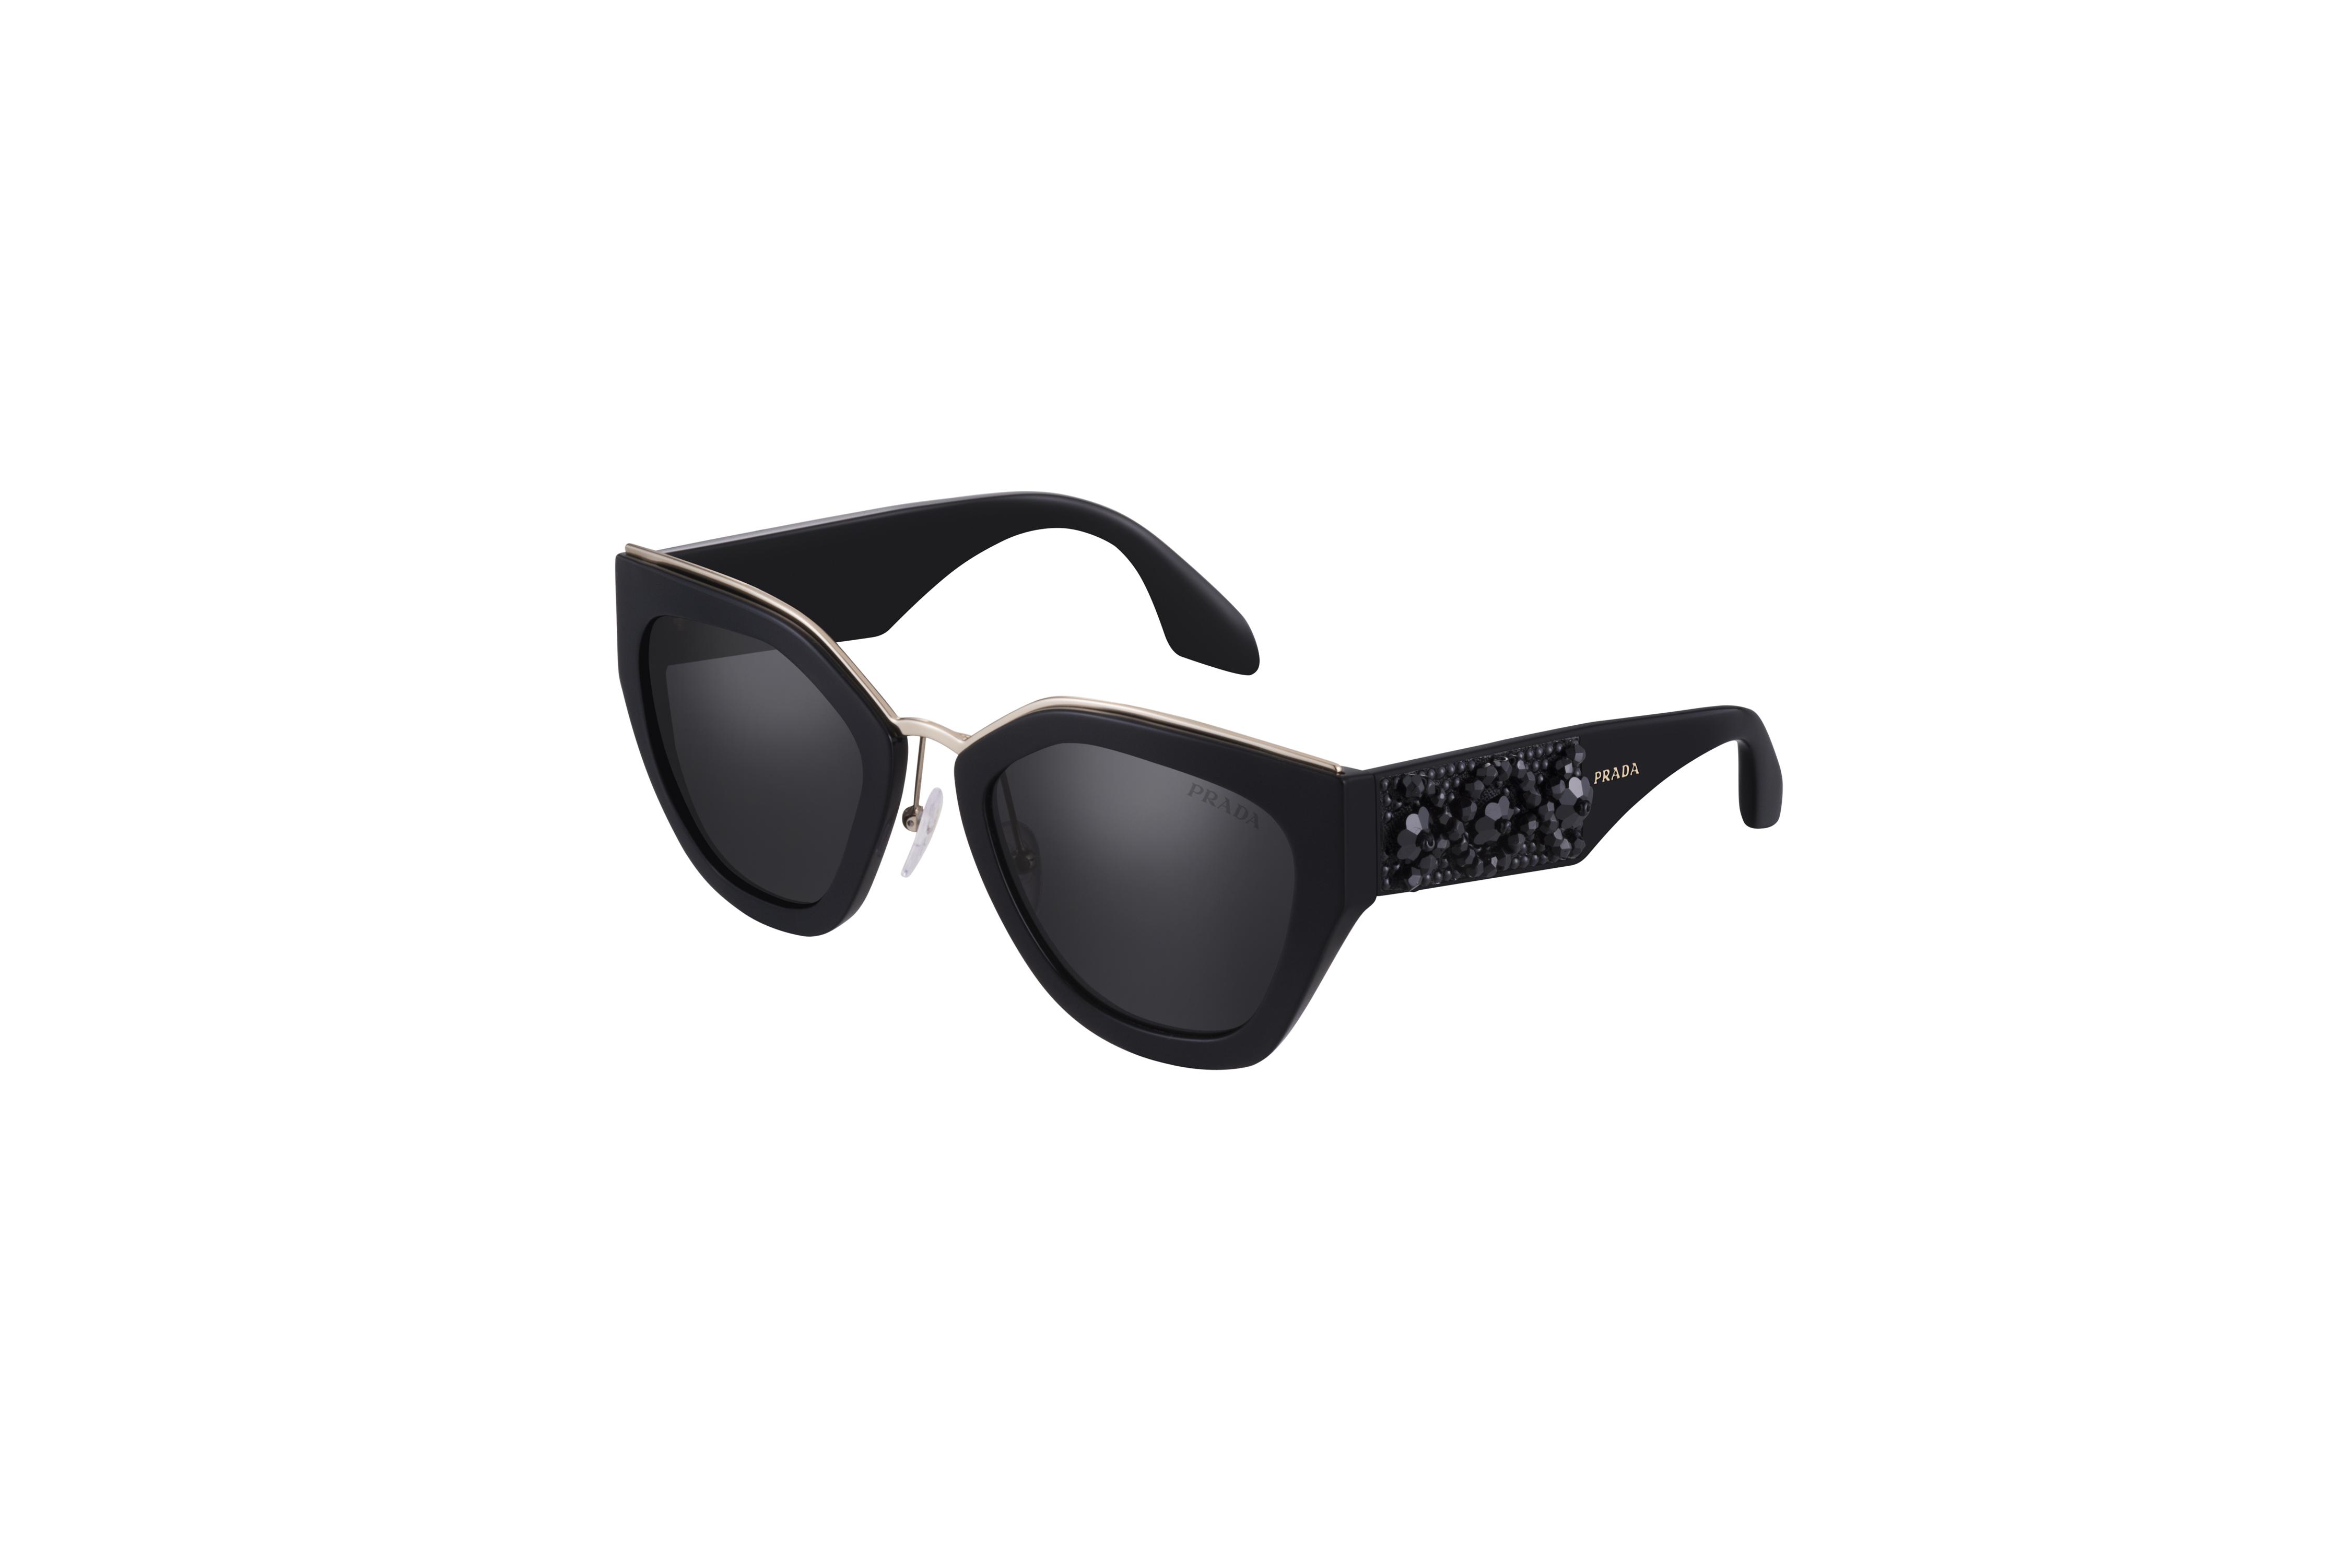 10e1f5a614 Μοντέλο SPR 10T – Prada Ornate Collection. Ένα νέο μοντέλο γυαλιών ηλίου ...